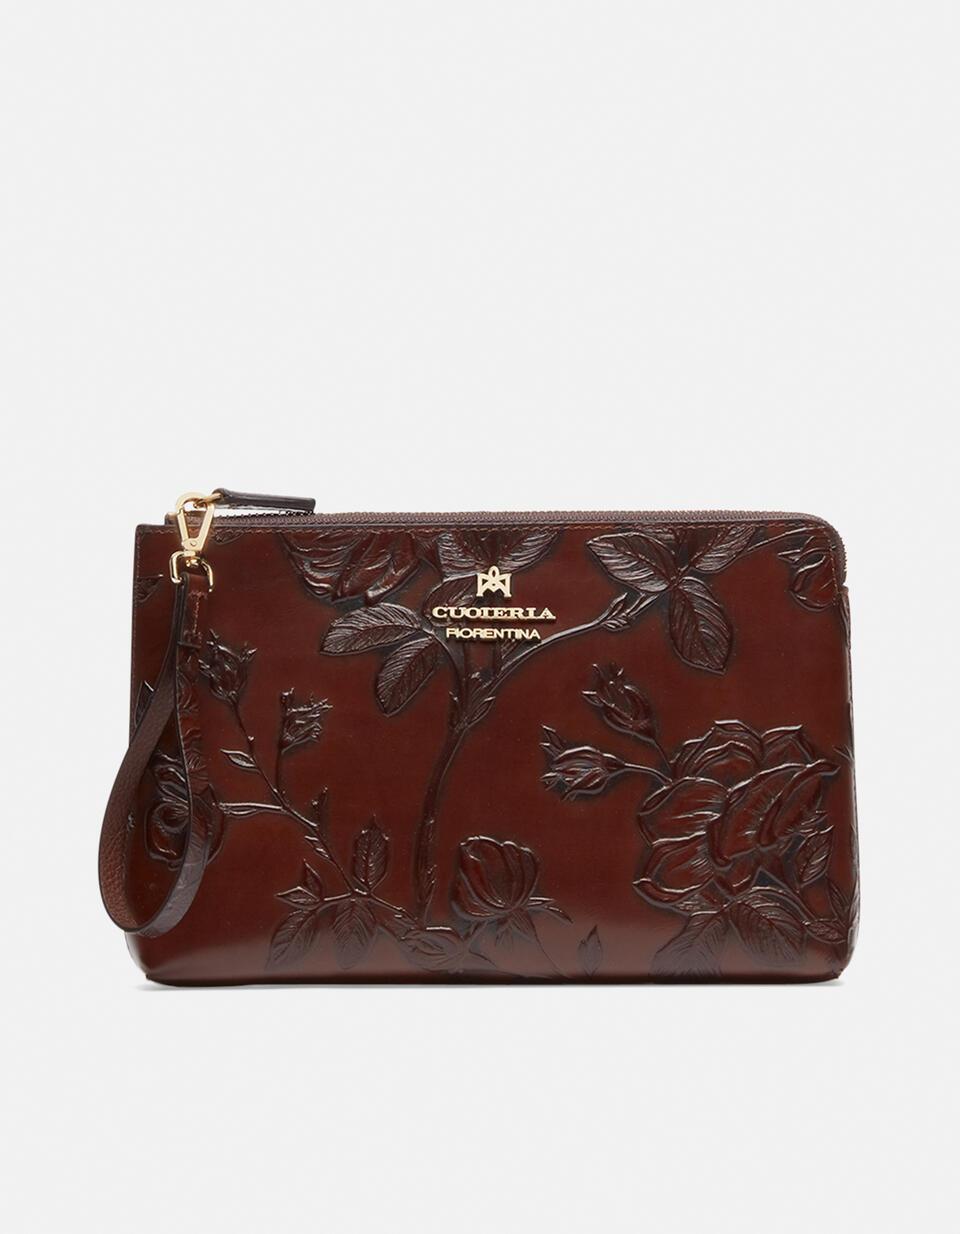 Elegant Mimì pochette in rose embossed printed calf leather Mimì MOGANO Cuoieria Fiorentina